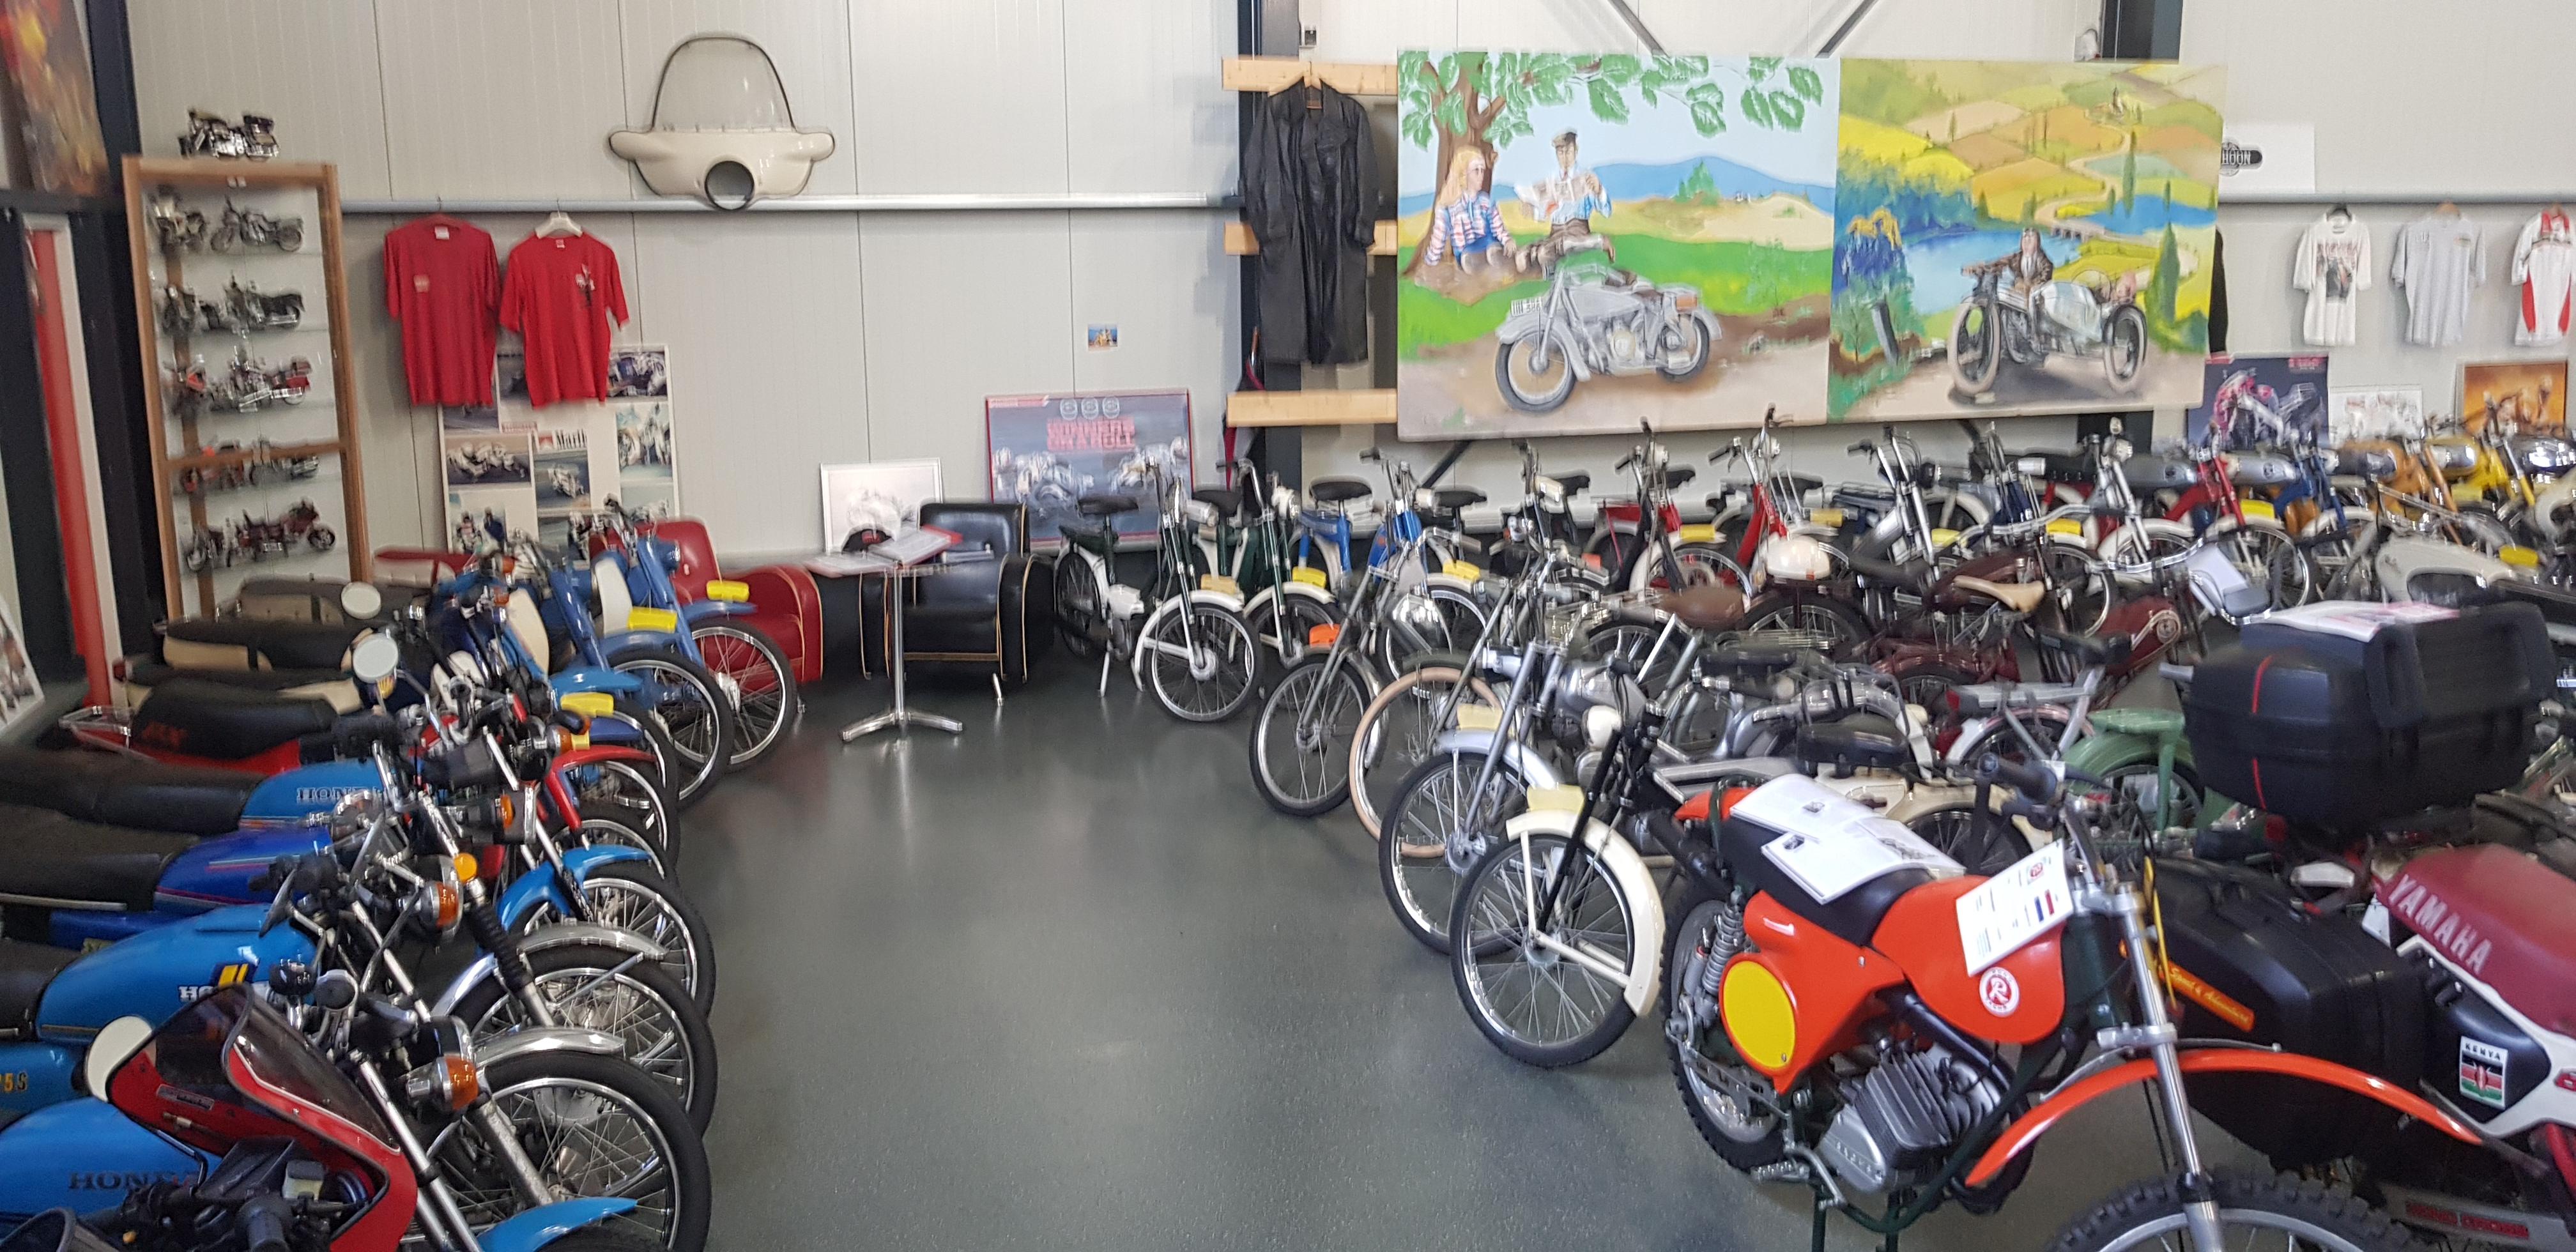 Brommer-en-motormuseum-Wigchers - Schoonoord-Honda-hoek